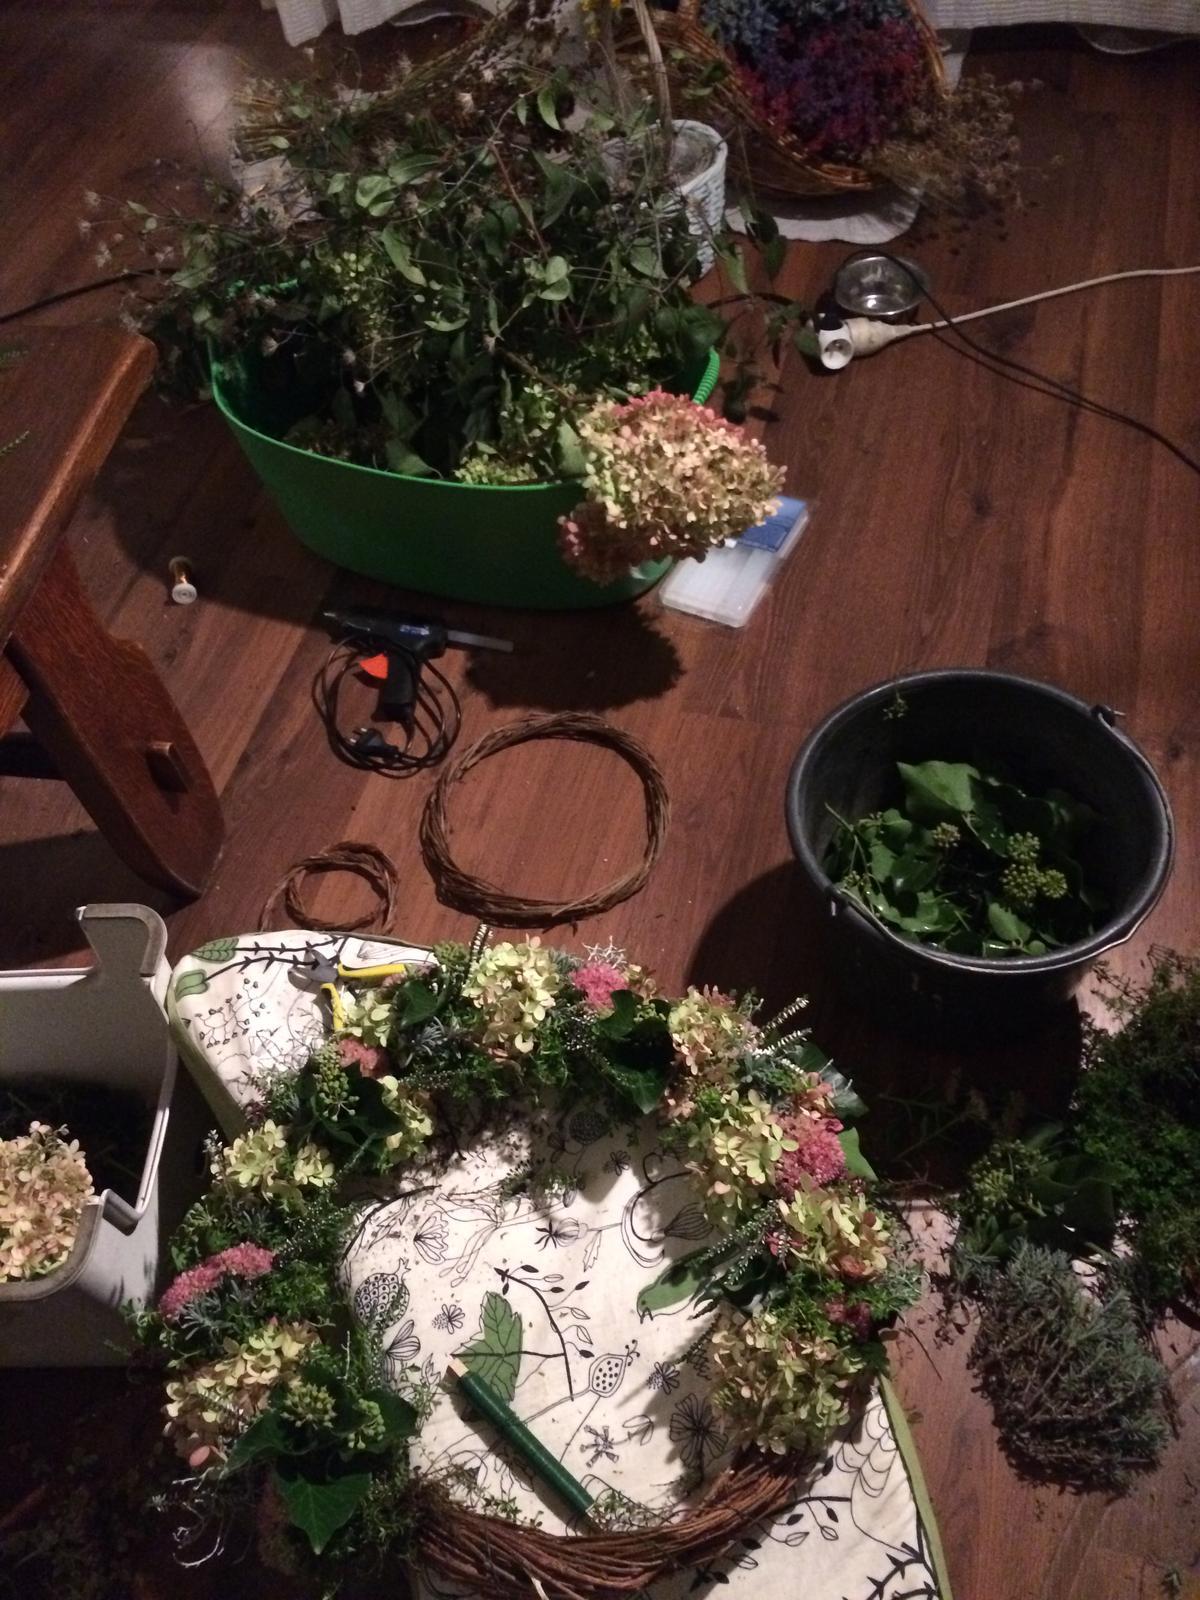 Dekorace z květin Pro radost - ....nejde uklízet